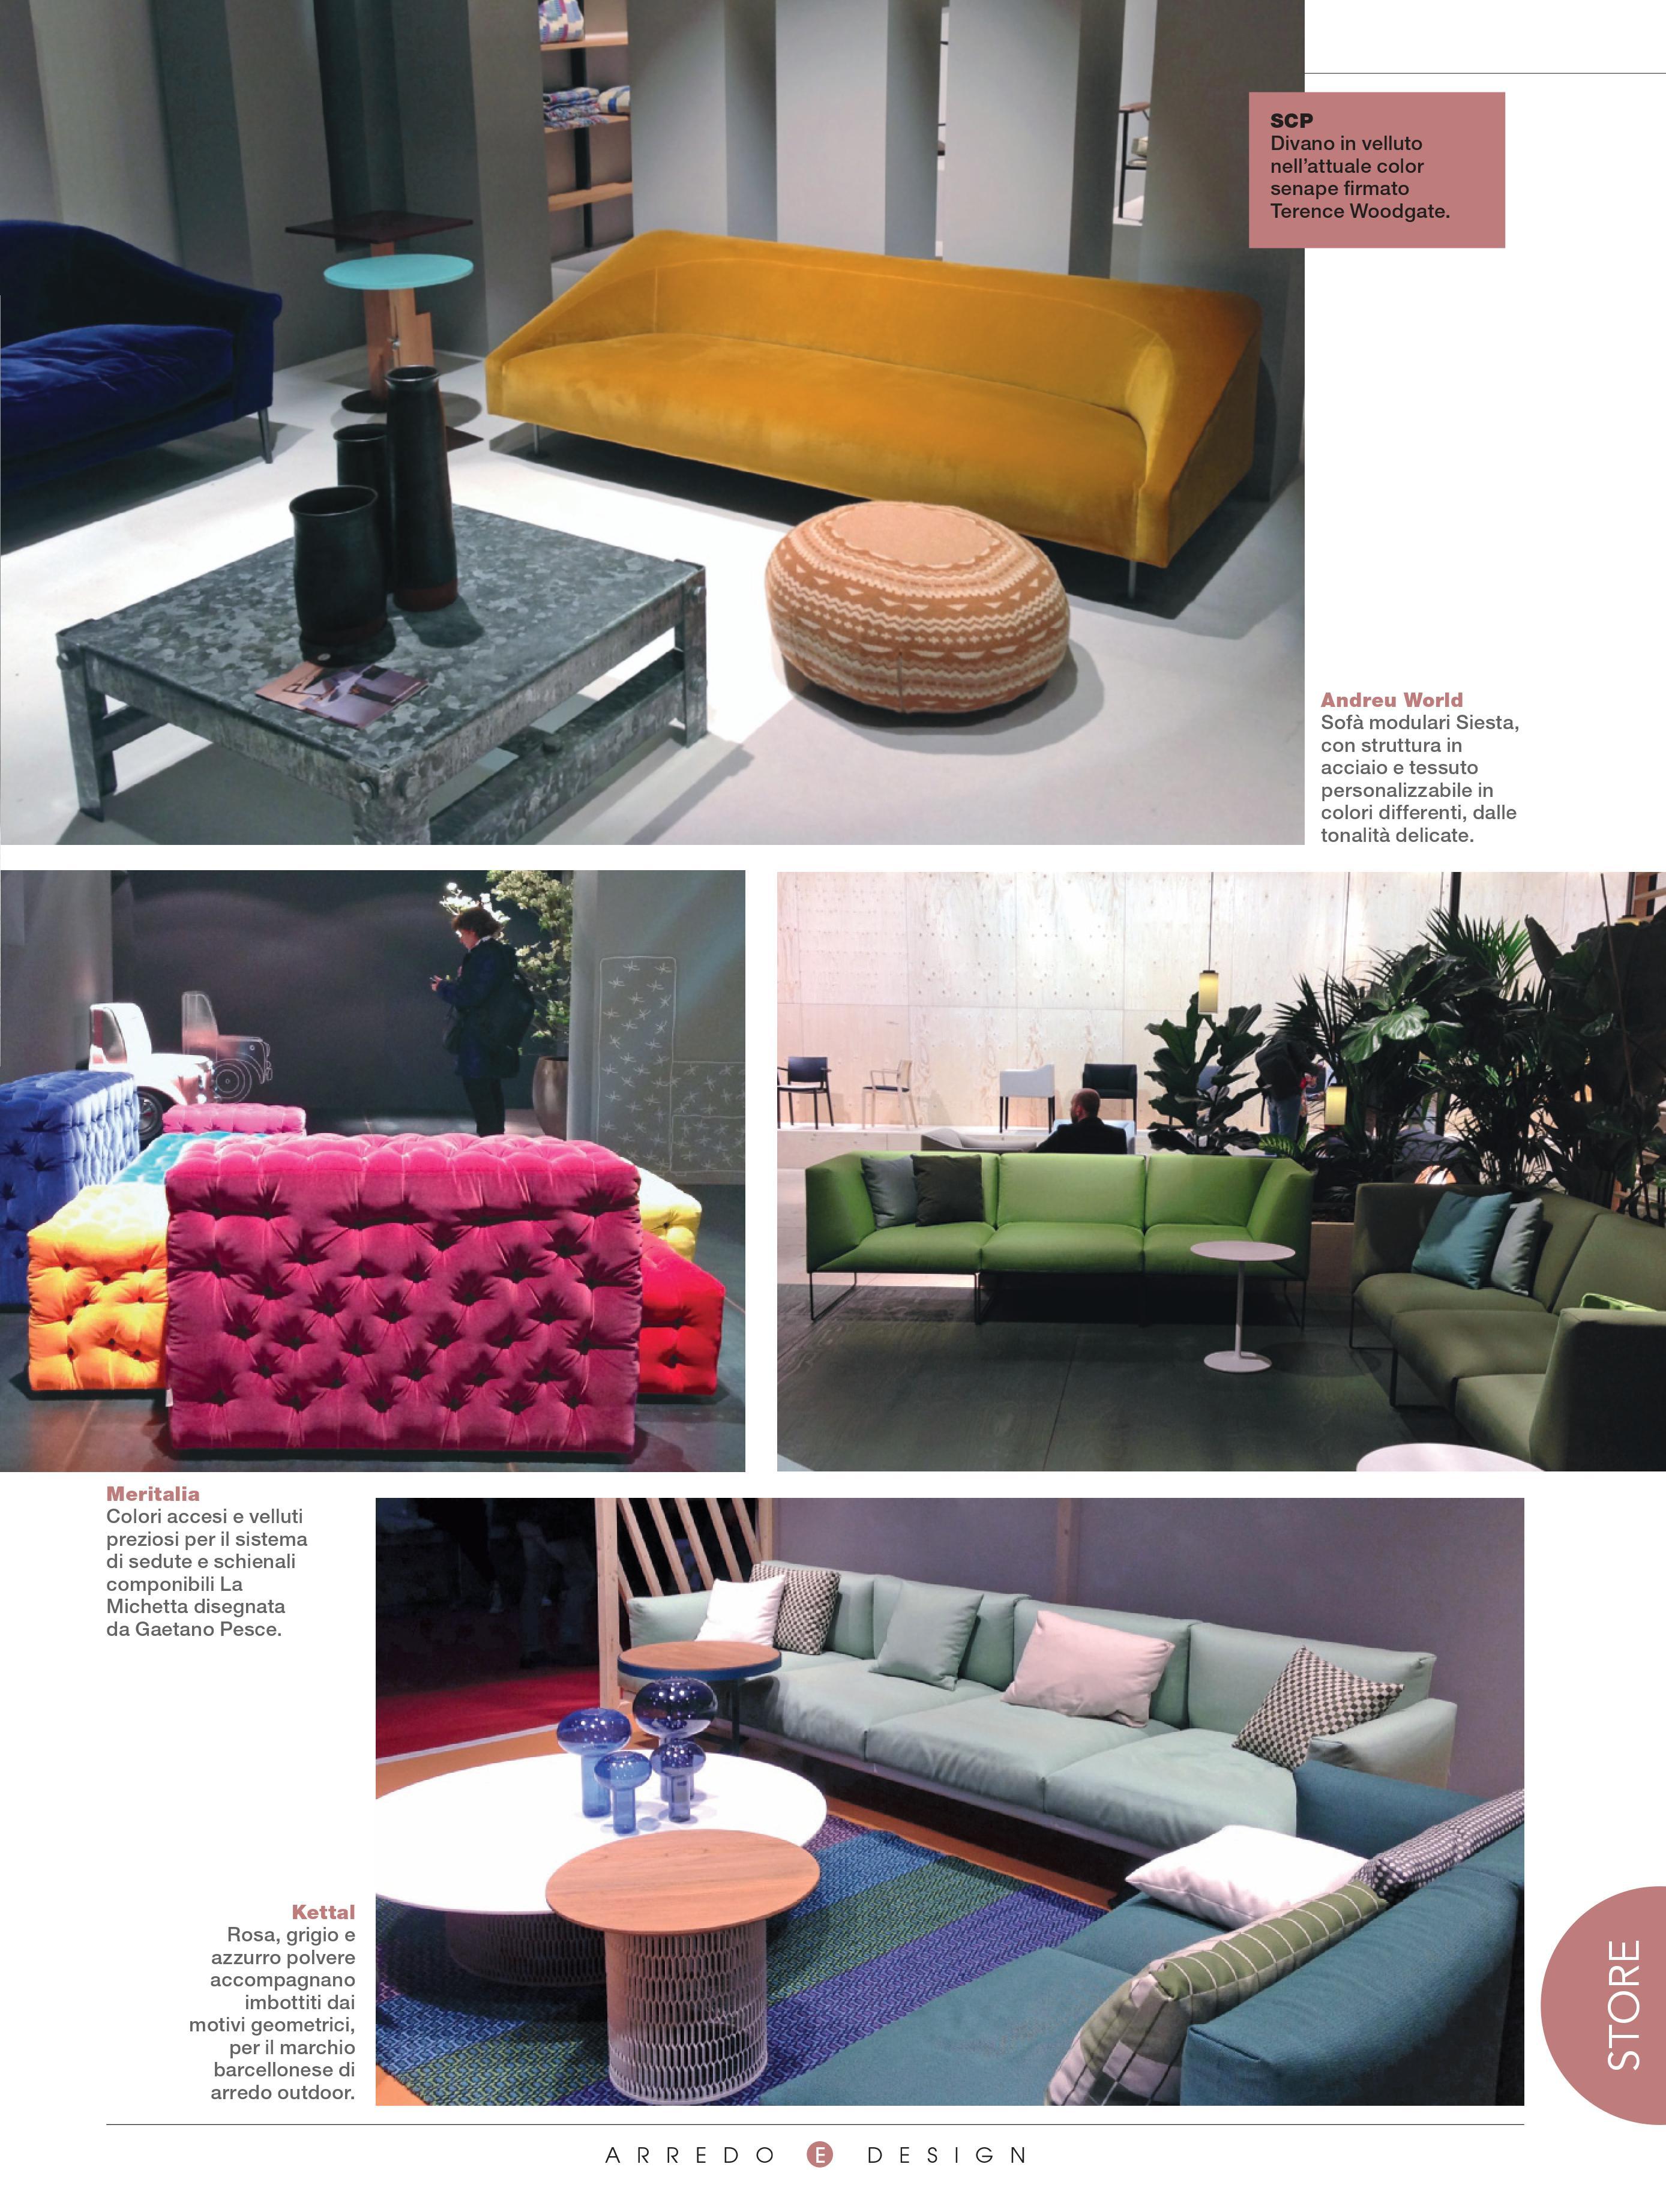 Speciale Salone del Mobile 2016 Arredo e Design News